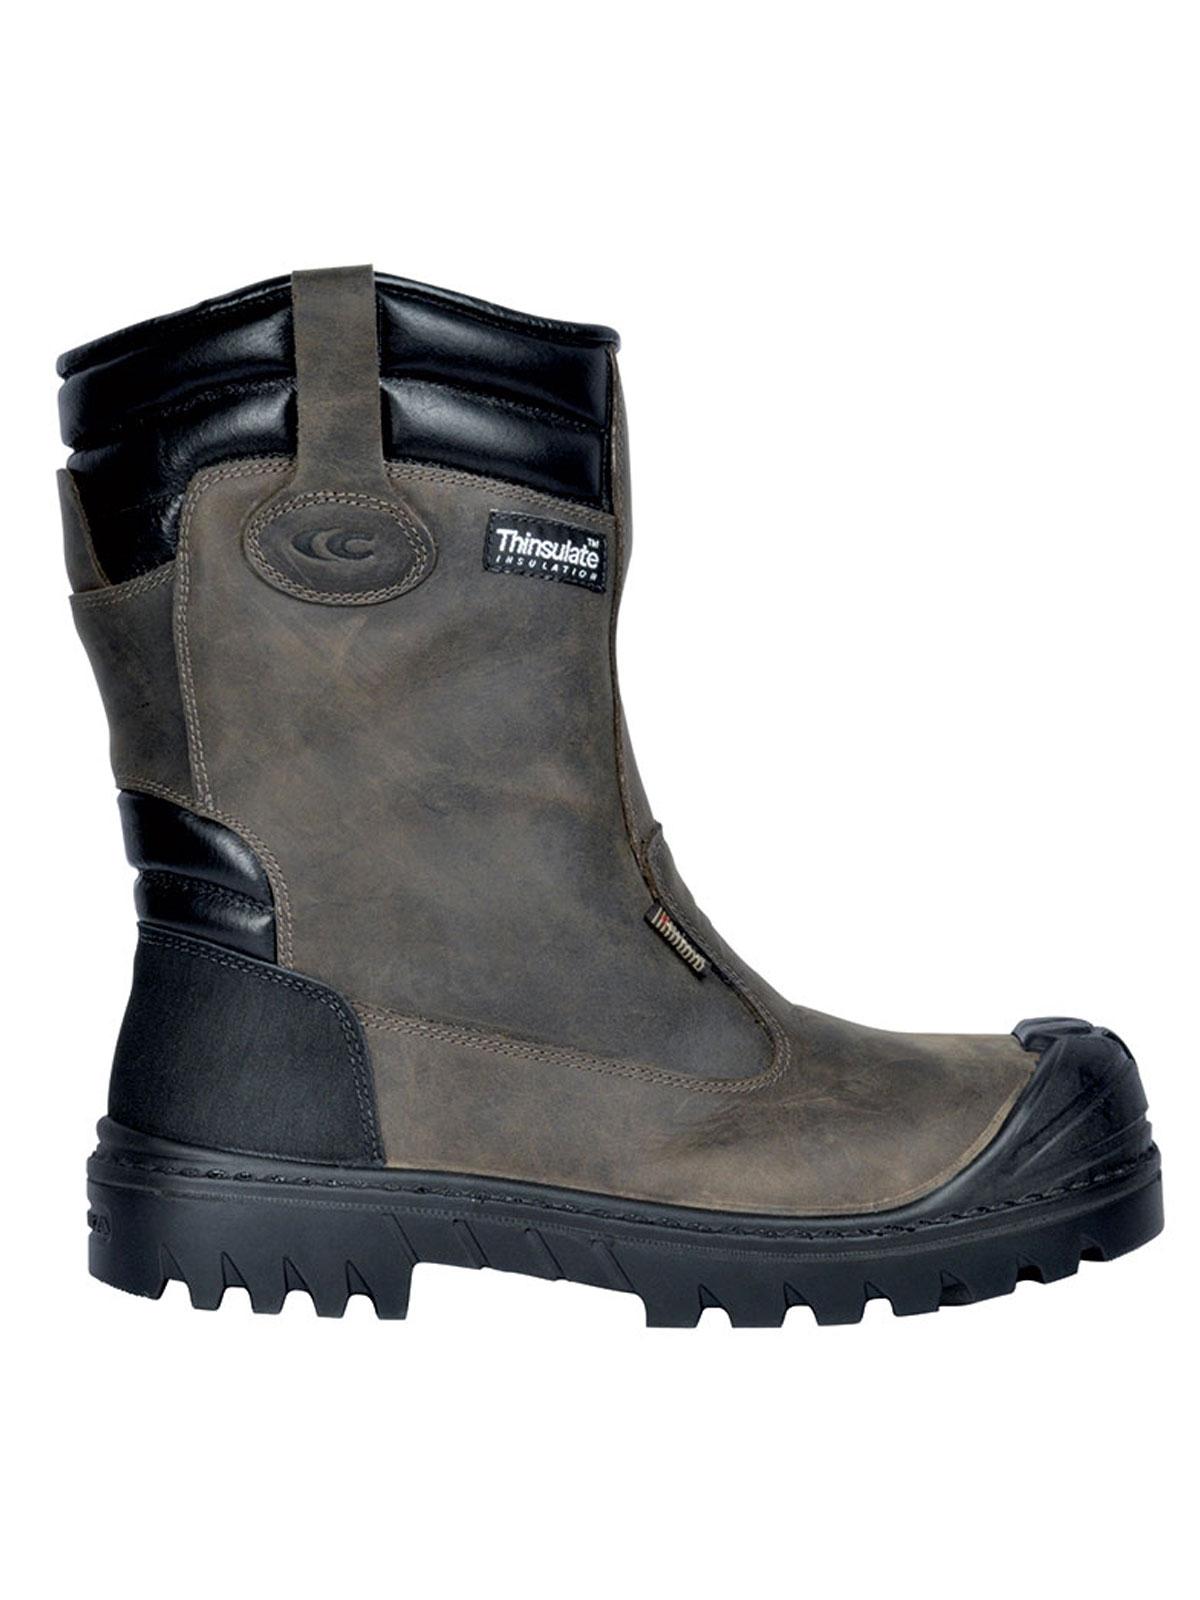 all'ingrosso scarpe da corsa l'ultimo Stivale S3 CI HRO SRC Baranof UK Cofra personalizzabili, da lavoro ...